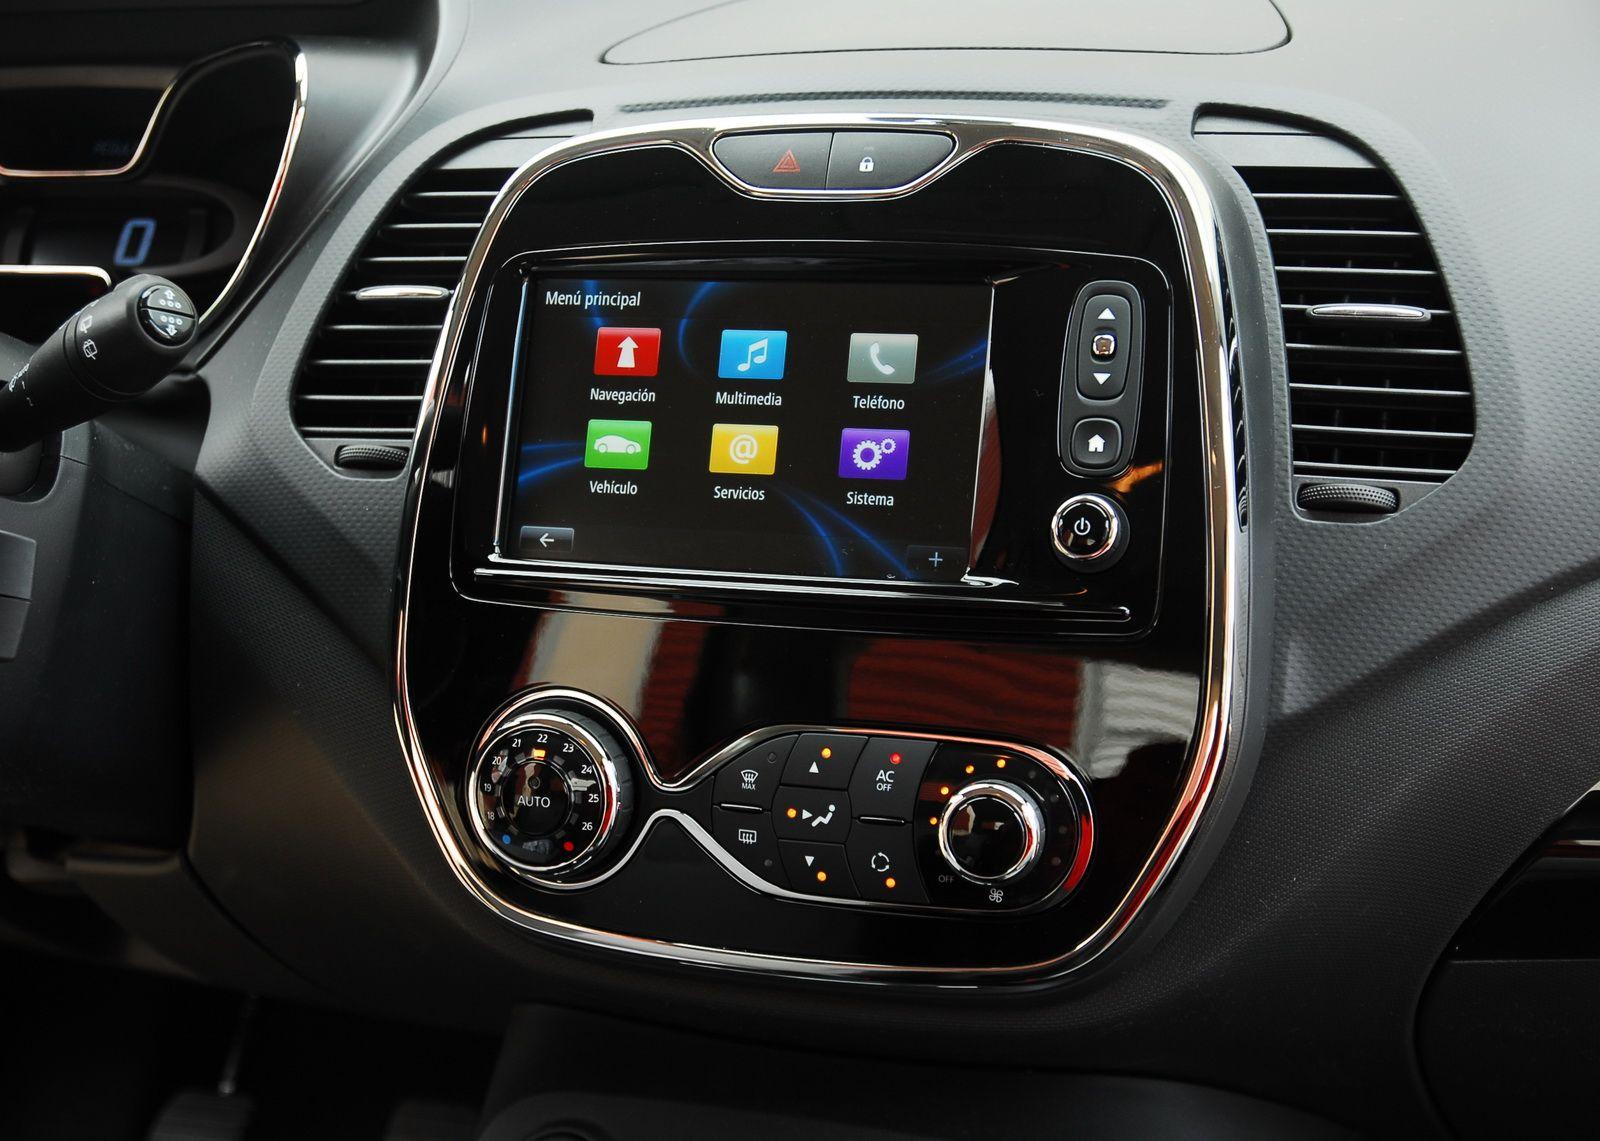 Renault captur interior images pesquisa google renault for Interior renault captur